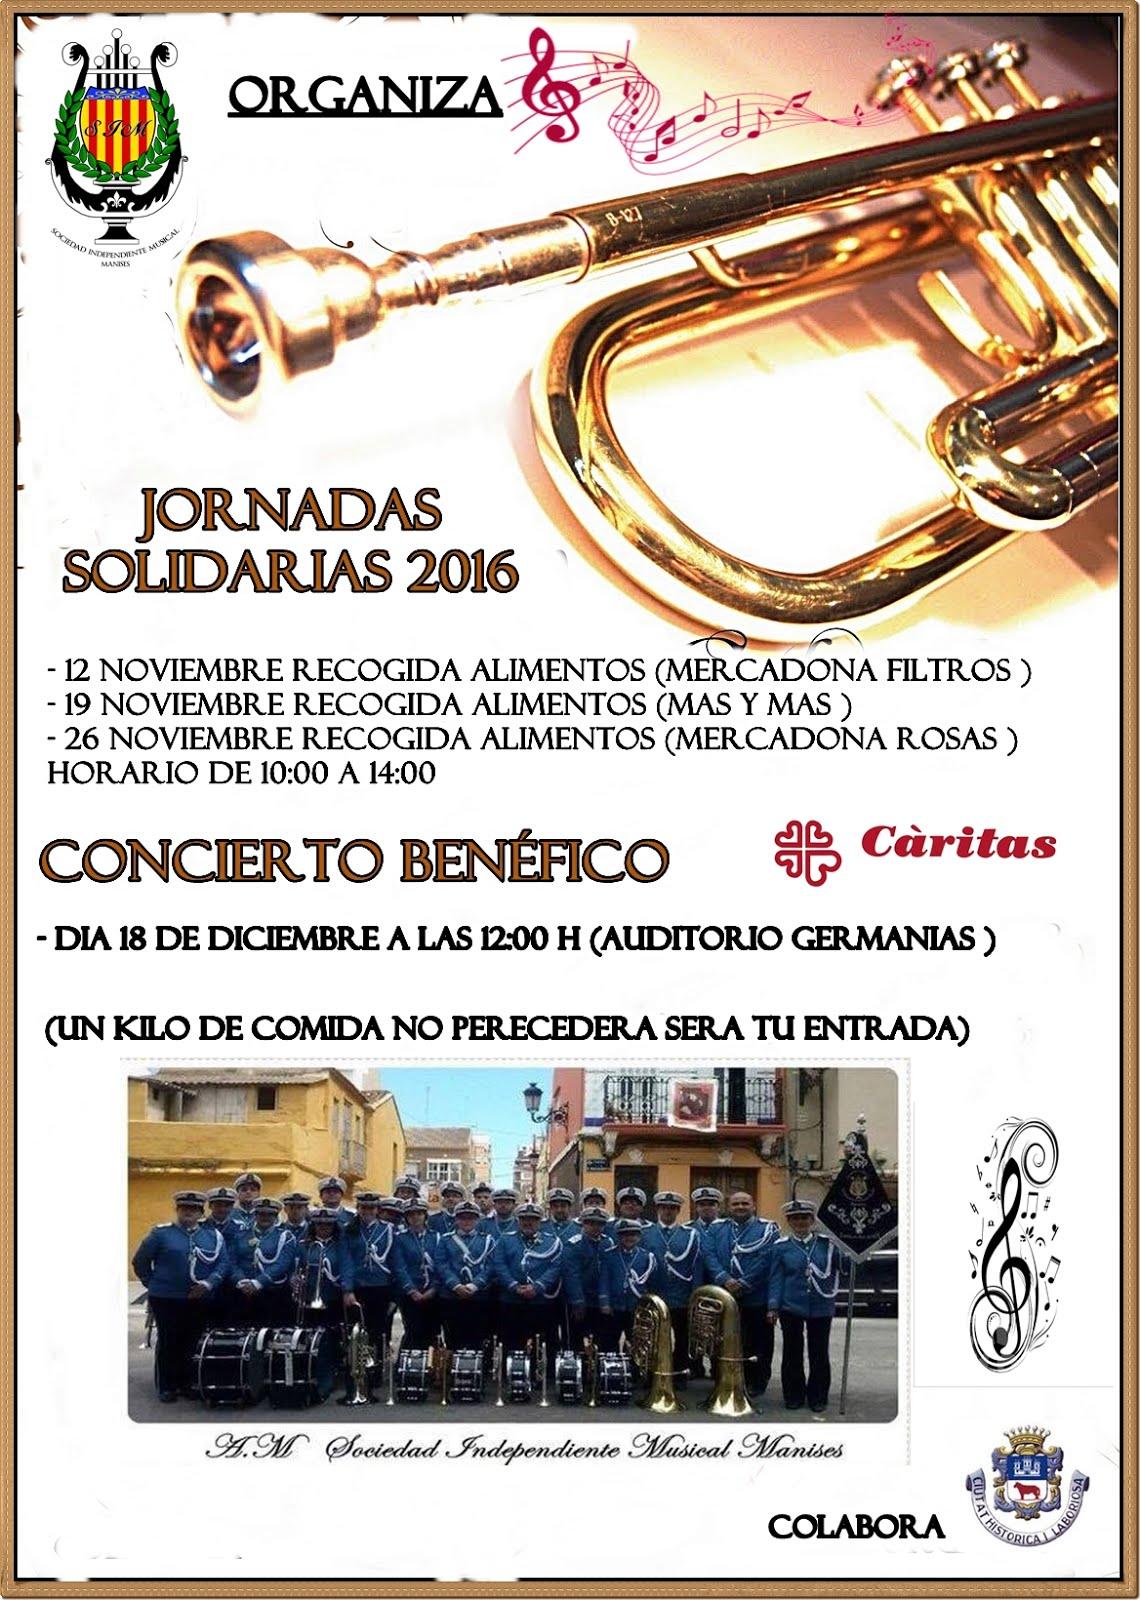 18.12.16 CONCIERTO DE LA SIM (SOCIEDAD INDEPENDIEN- TE MUSICAL) PARA CÁRITAS